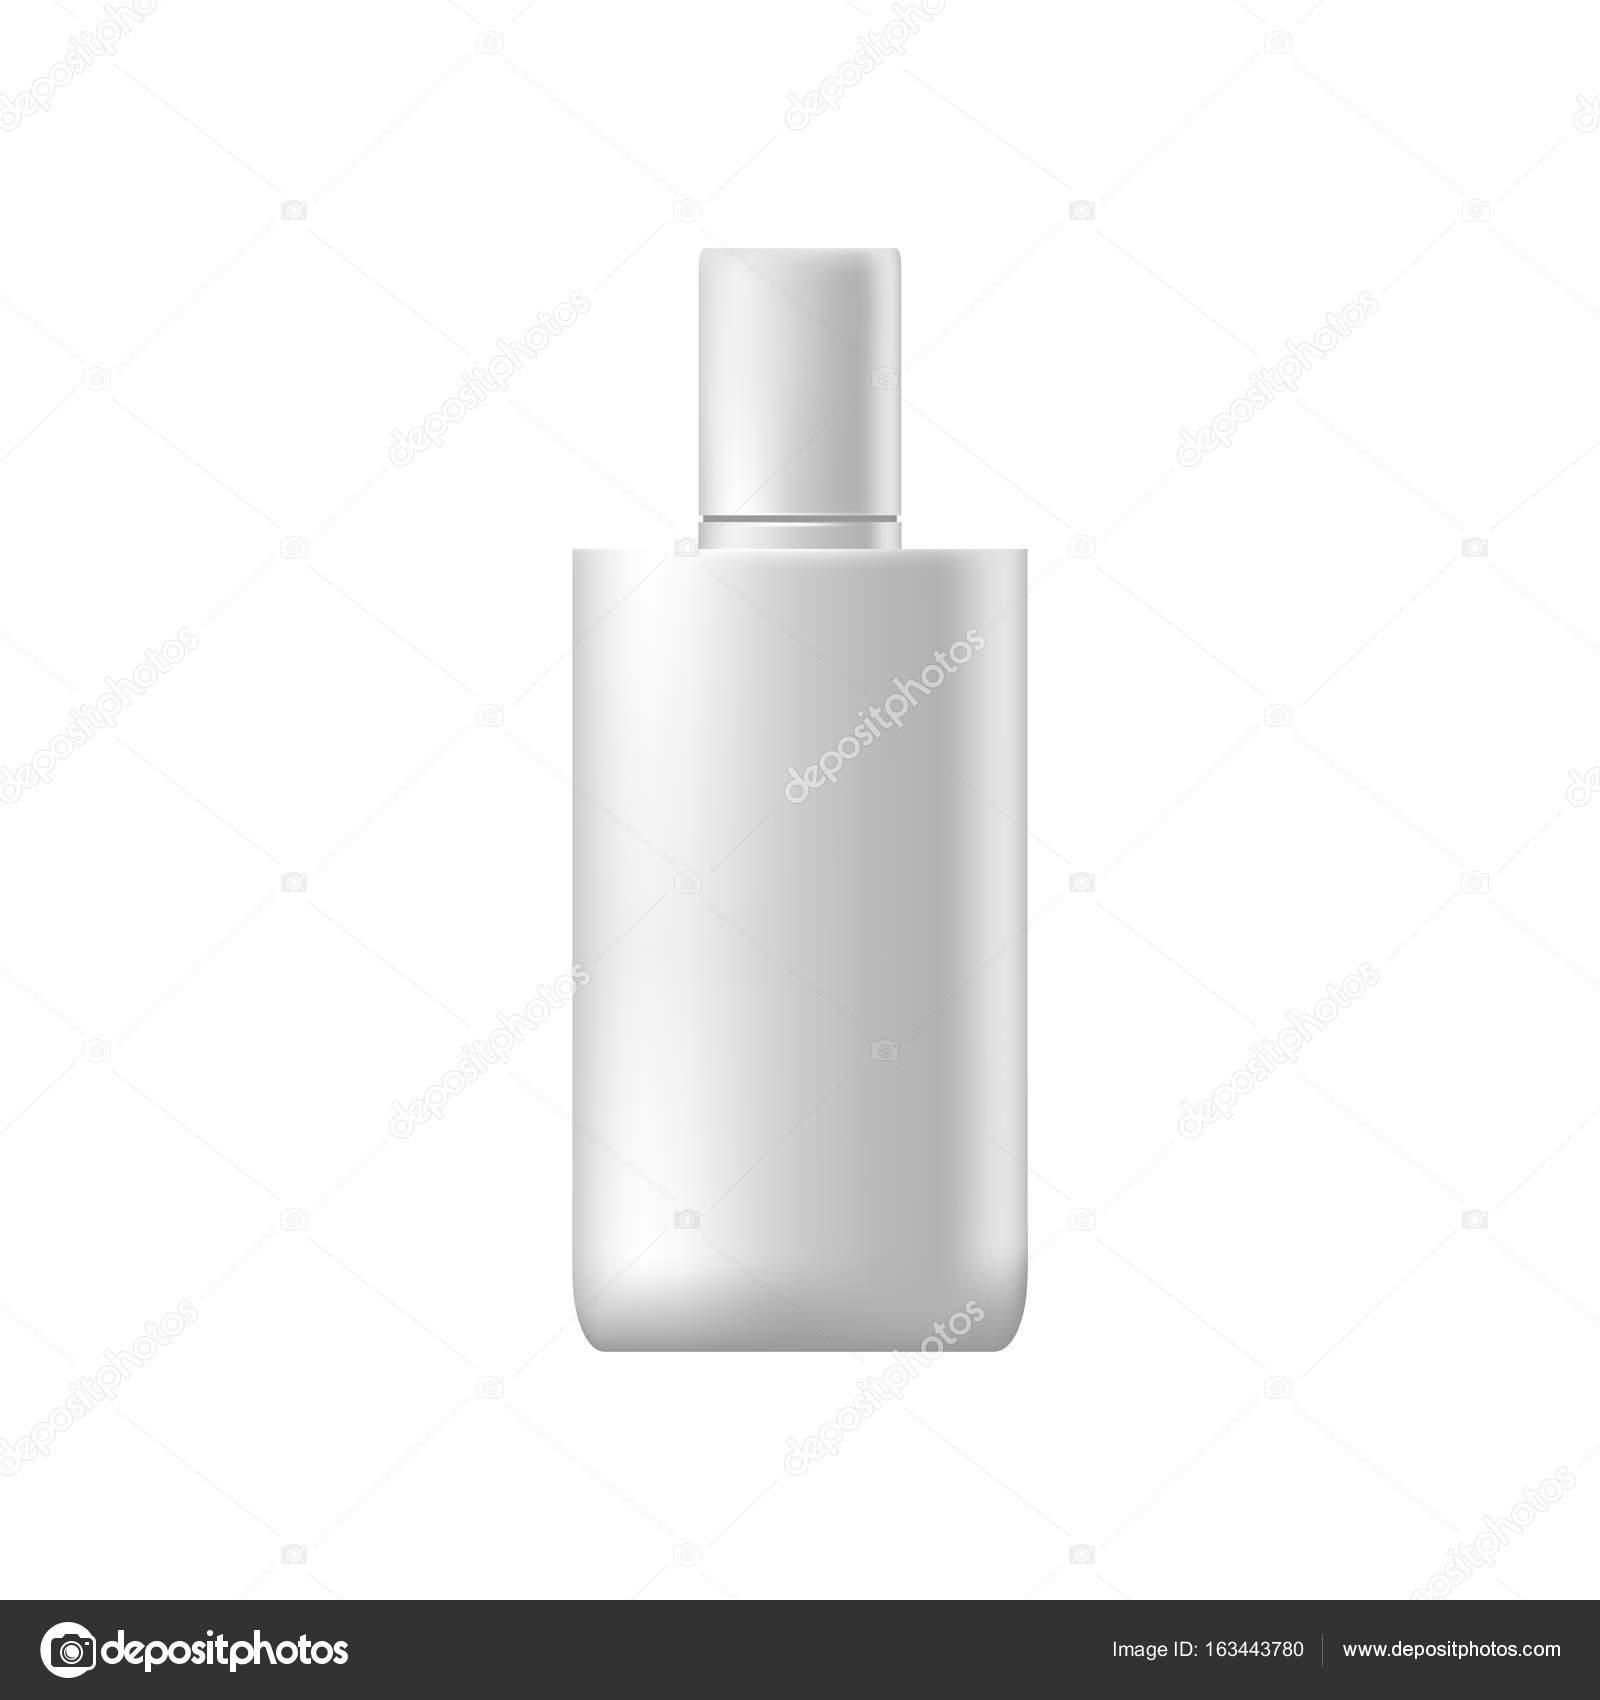 Vektor Vorlagen von leeren und sauberen weißen Kunststoff Dataset ...